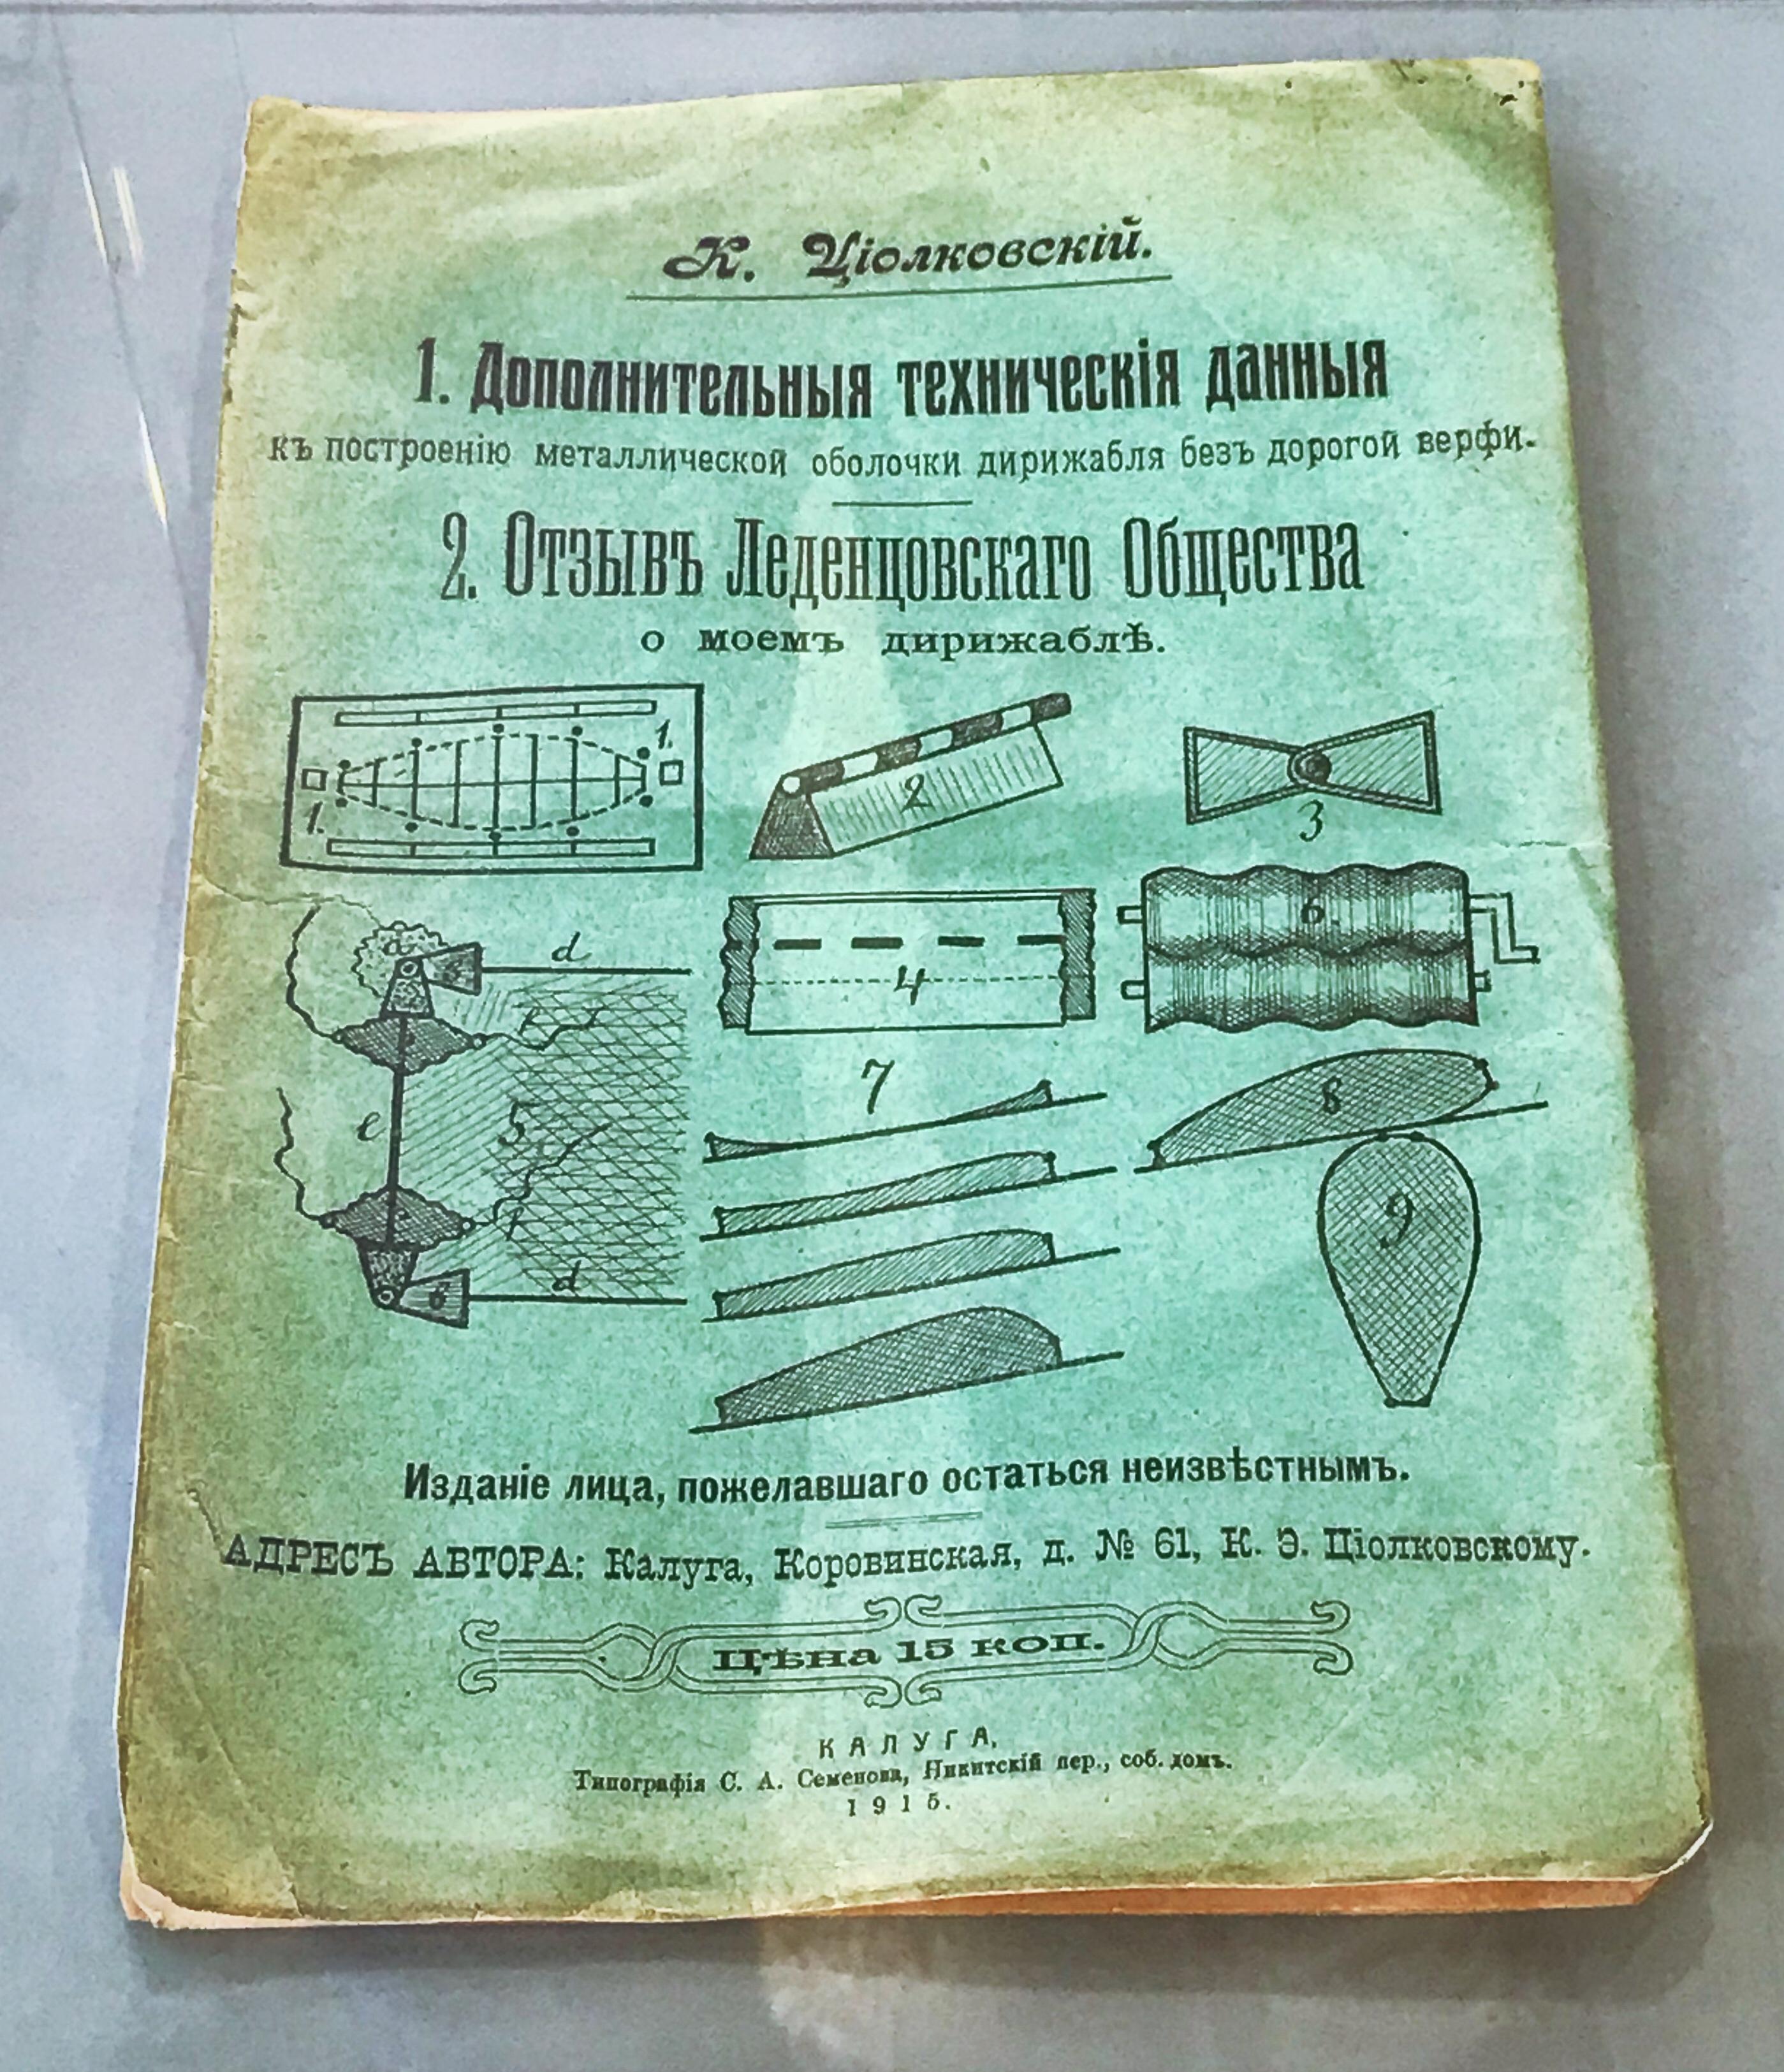 Ziolkowski entwickelte eine Reihe von Luftschiffen und veröffentlichte seine Ideen